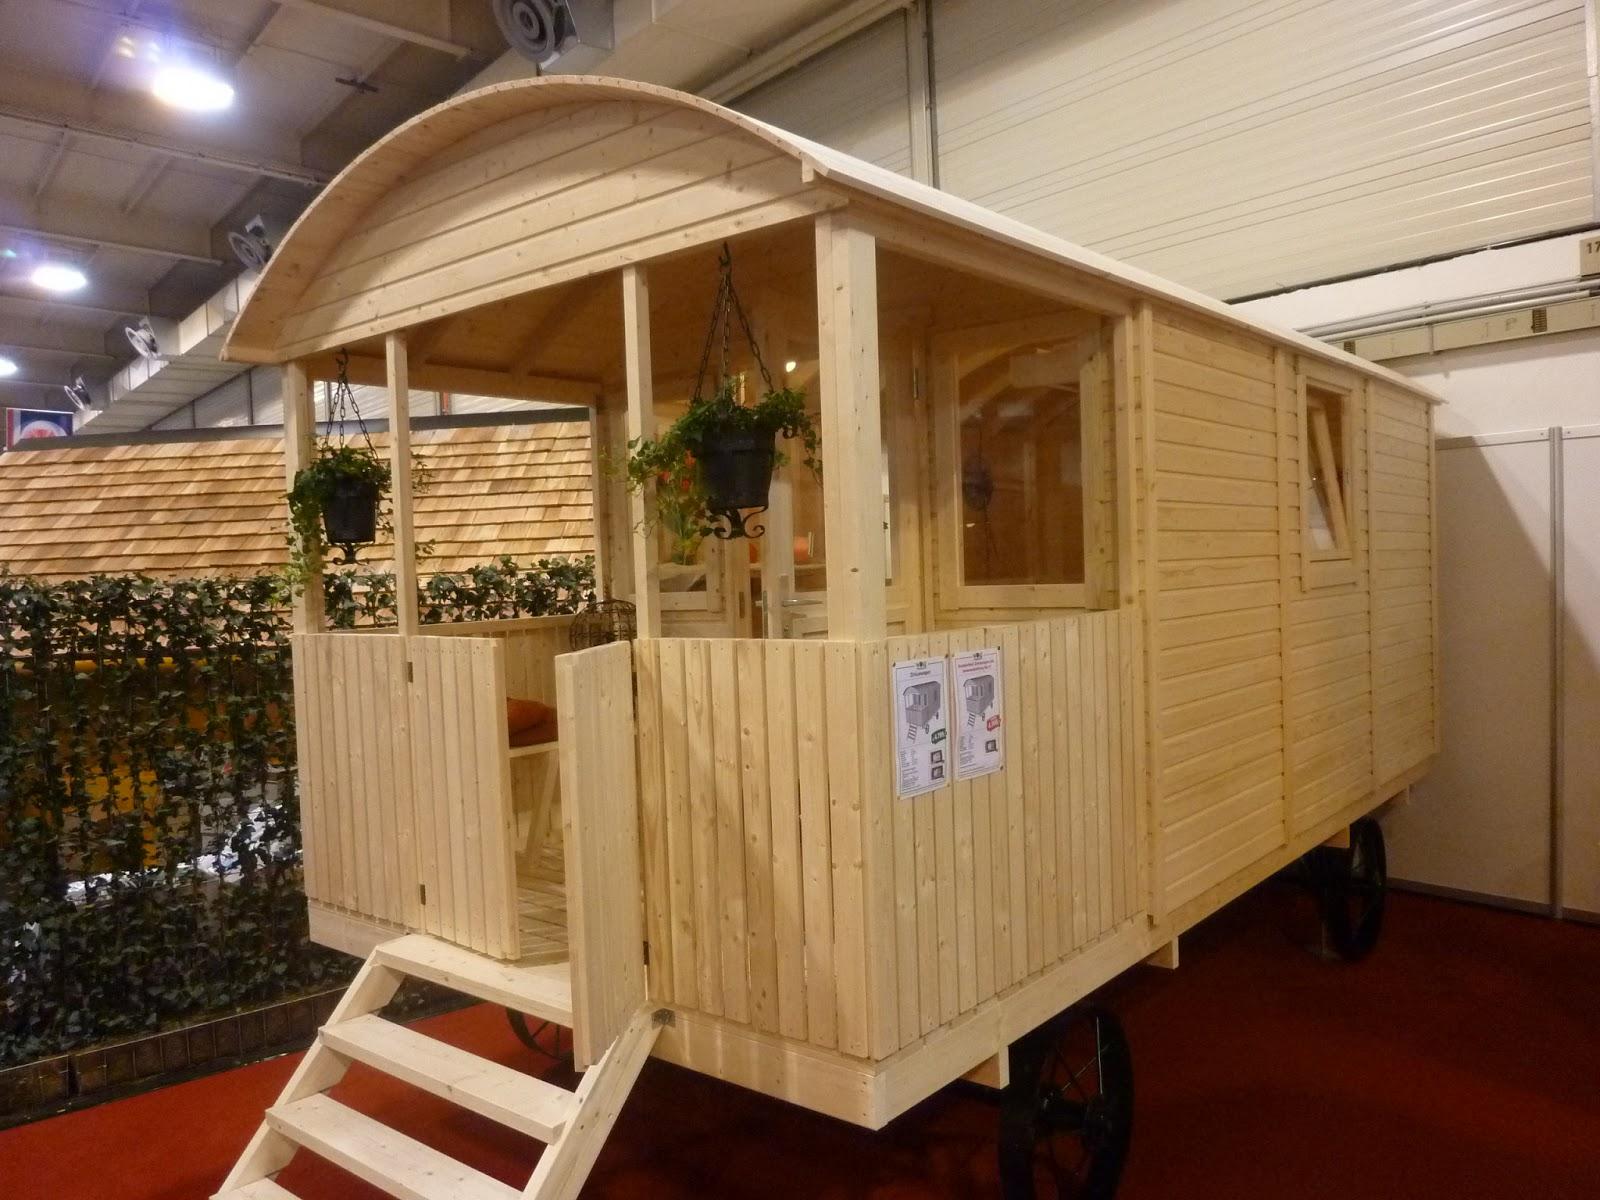 meiselbach mobilheime im zirkuswagen wohnen wo andere damit reisen. Black Bedroom Furniture Sets. Home Design Ideas